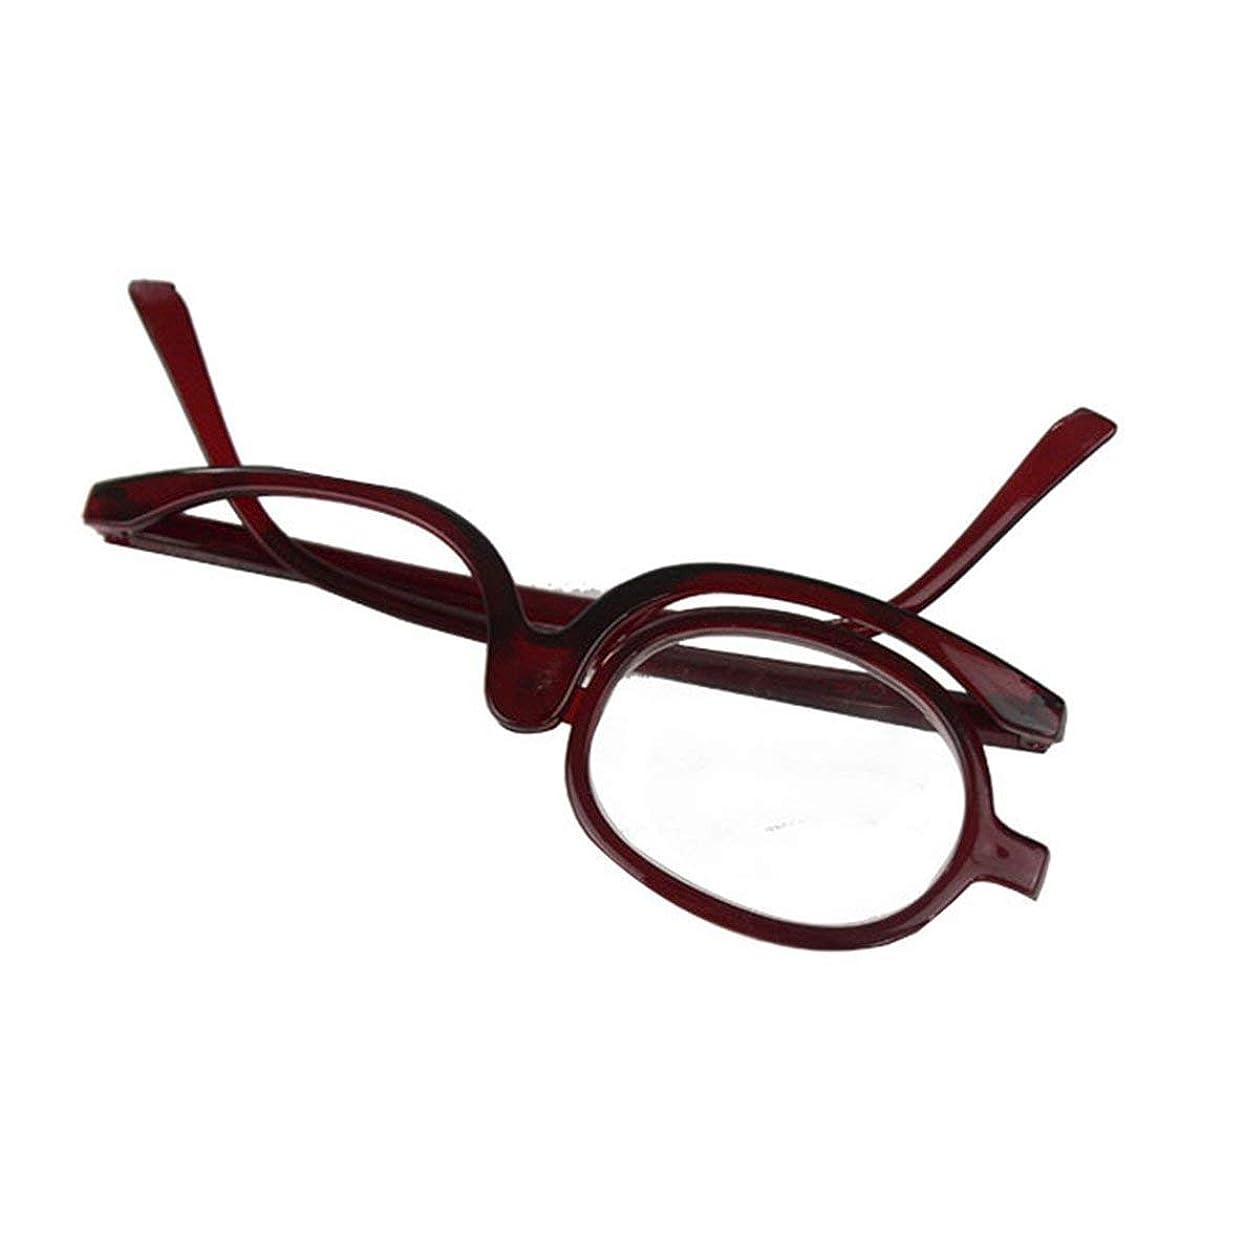 まだら応じる提案する創造的な回転折りたたみ老眼鏡女性の古い化粧眼鏡老眼鏡200度-ティーフレーム